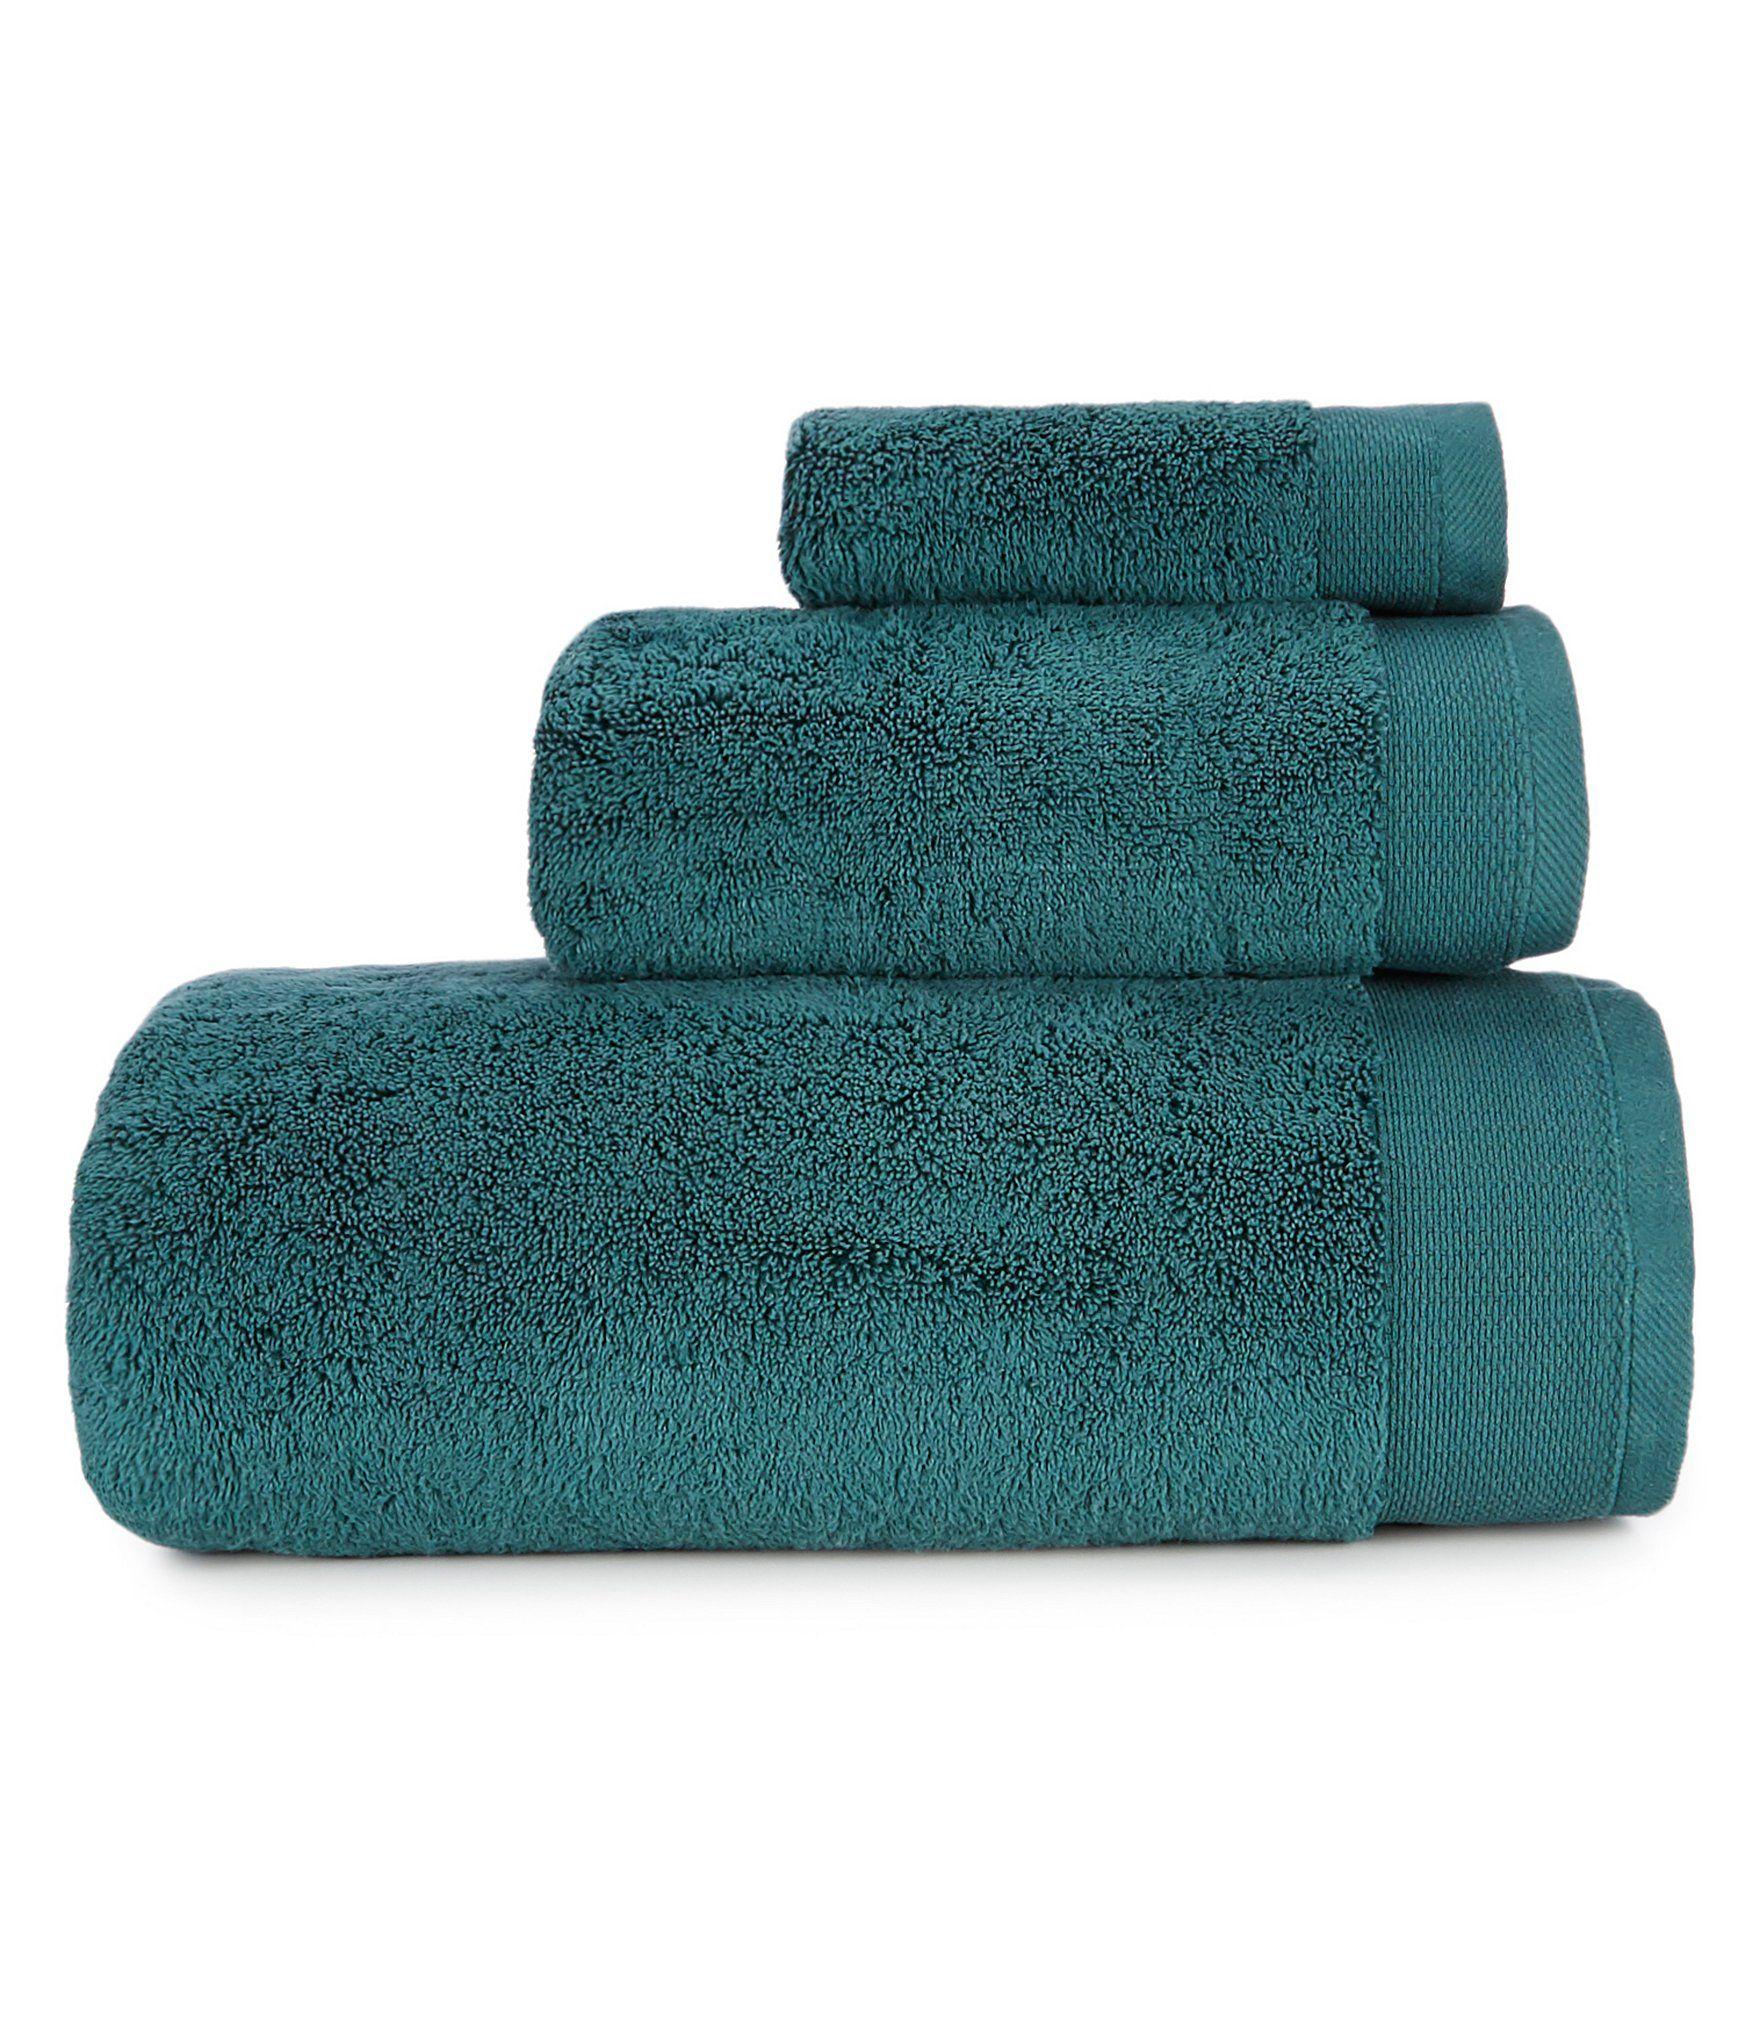 Noble Excellence Microcotton Elite Bath Towels Dillard S Towel Set Cotton Bath Towels Towel [ 2040 x 1760 Pixel ]